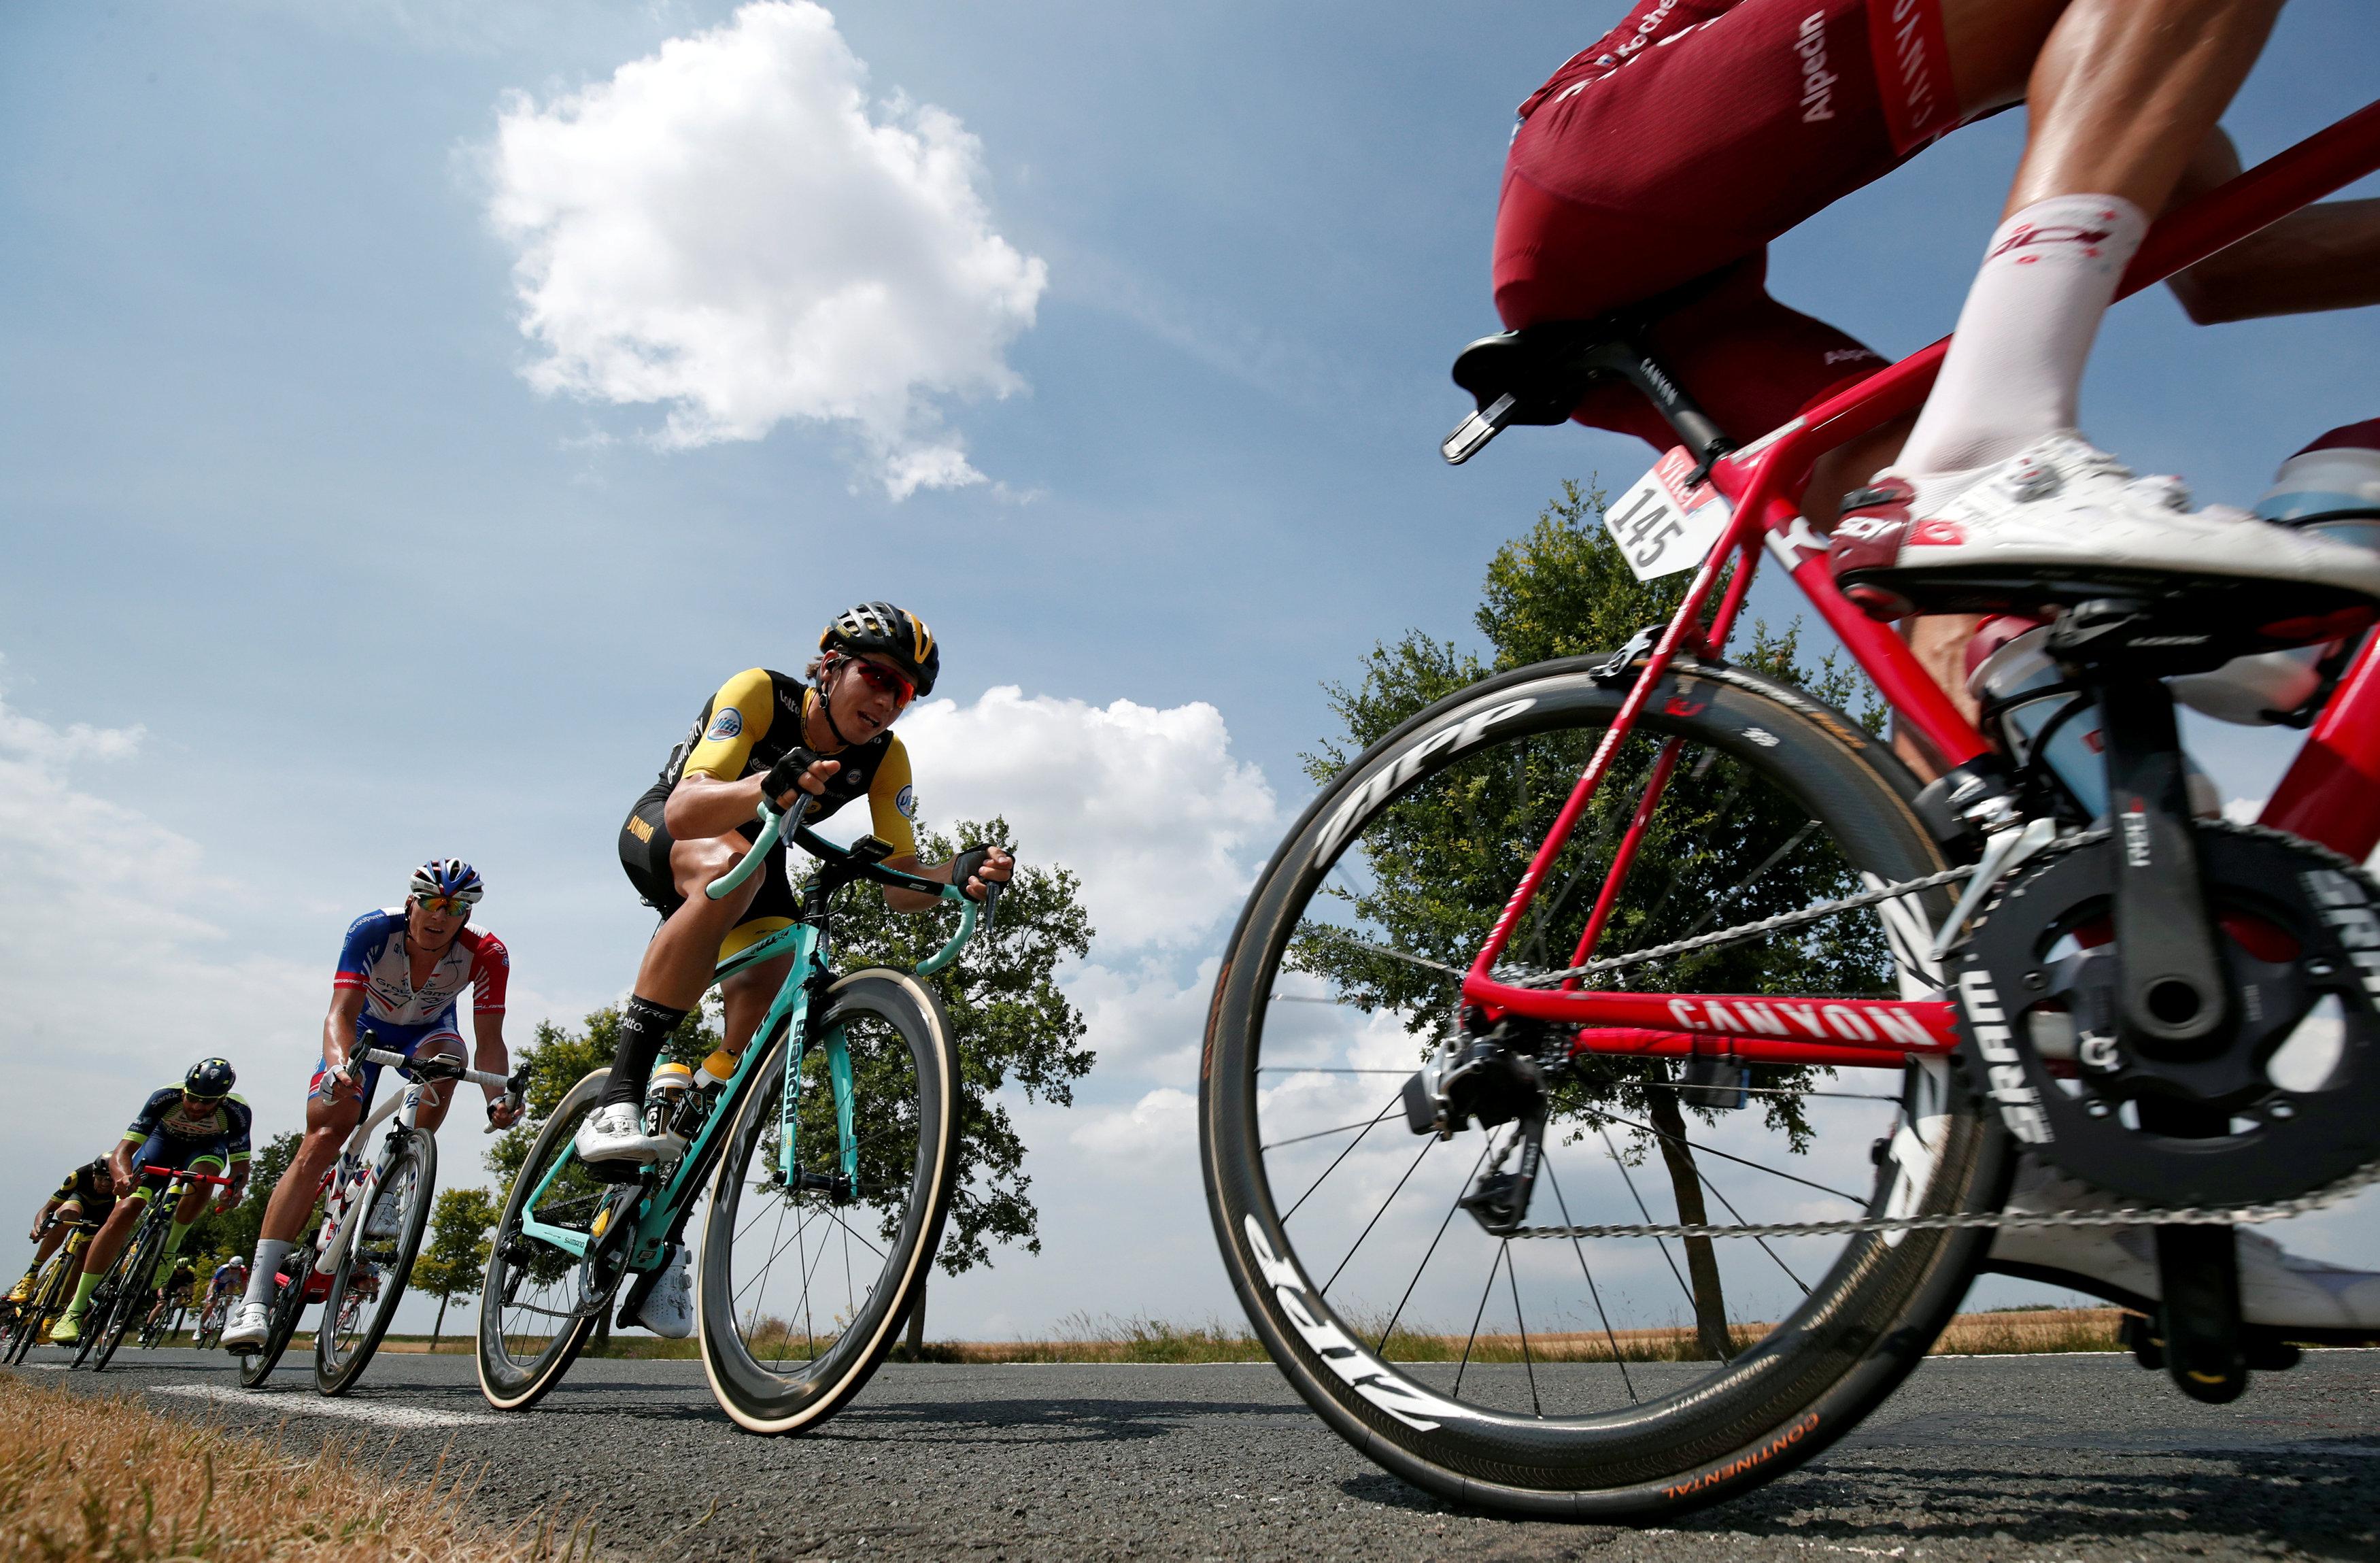 Cyclisme - Tour de France - Le jour où le peloton s'est endormi…